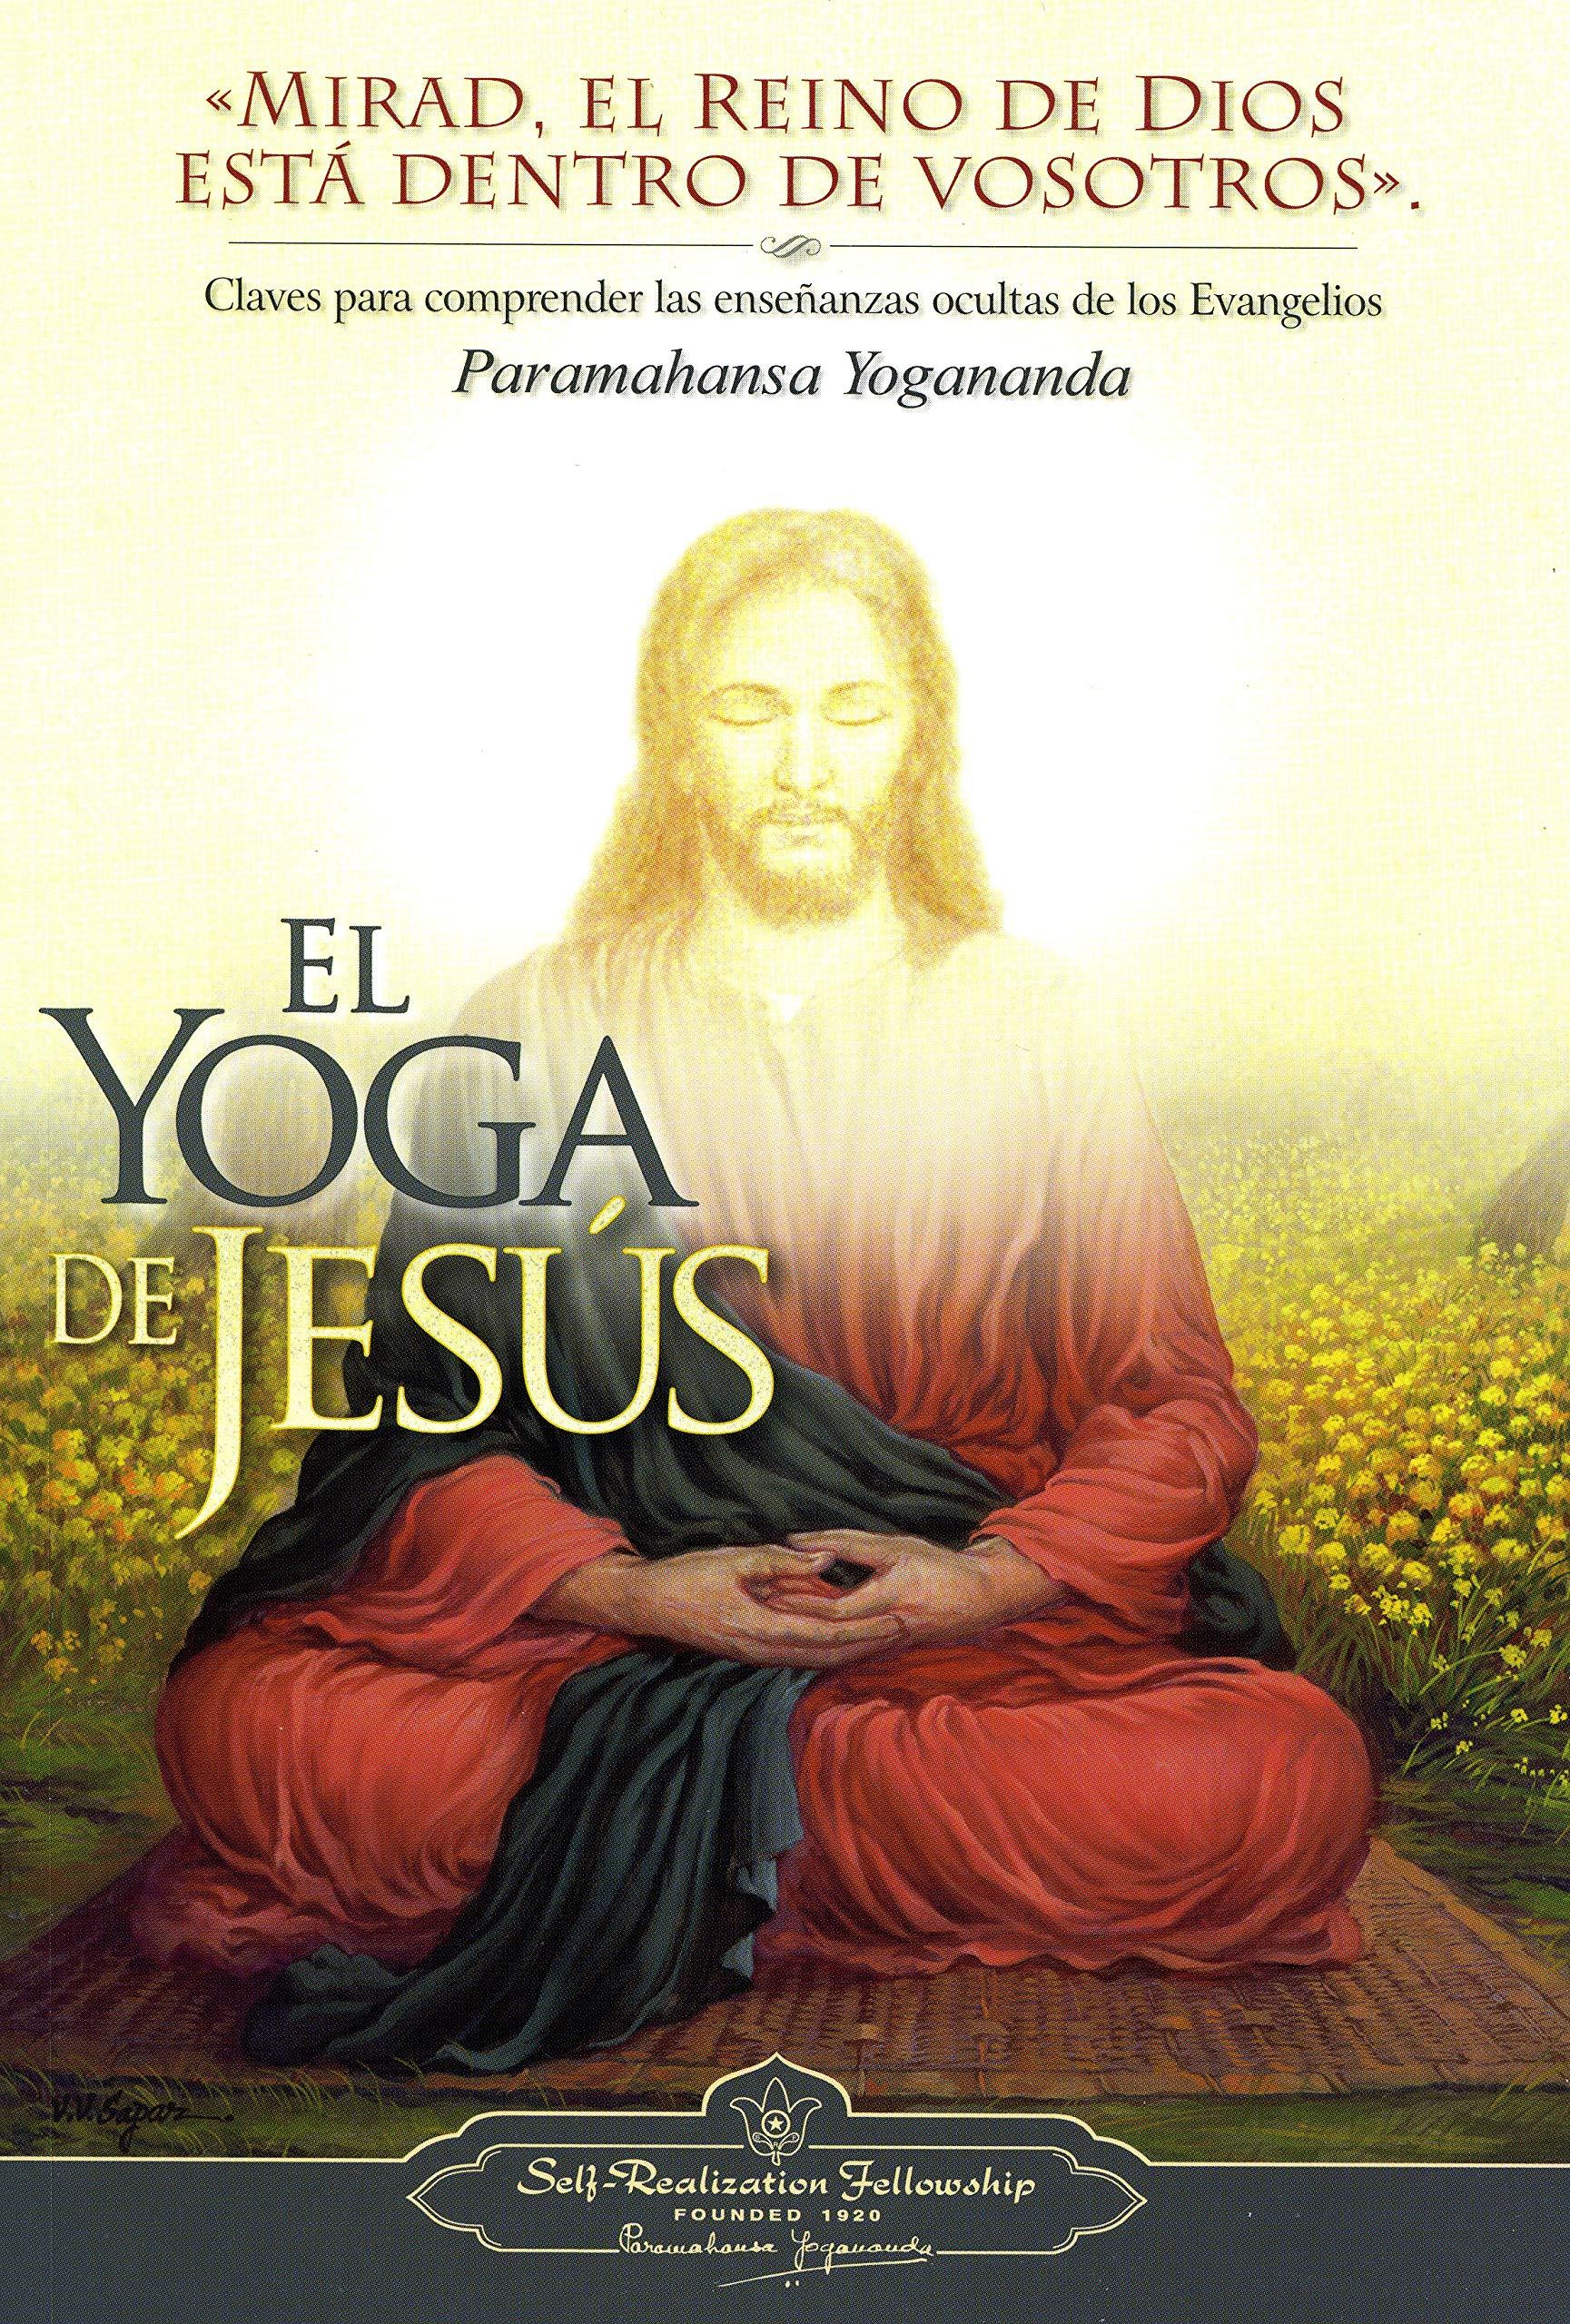 El Yoga De Jesús: Amazon.es: Paramahansa Yogananda: Libros